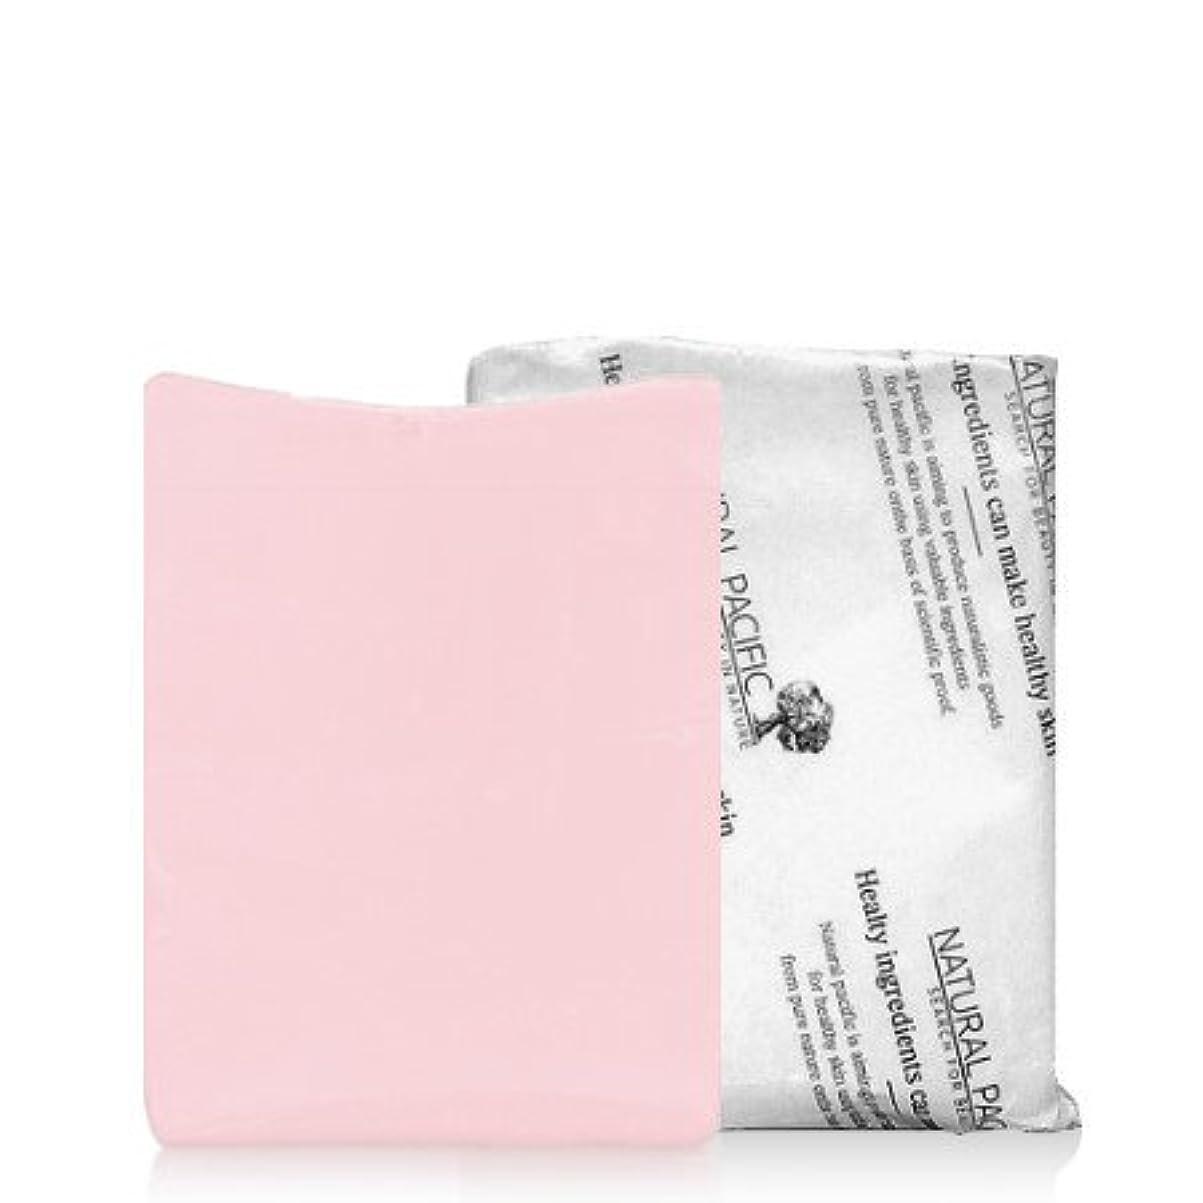 俳優嫌がる広告NATURAL PACIFIC Pink Calming Soap/ナチュラルパシフィック ピンク カーミング ソープ (1個) [並行輸入品]